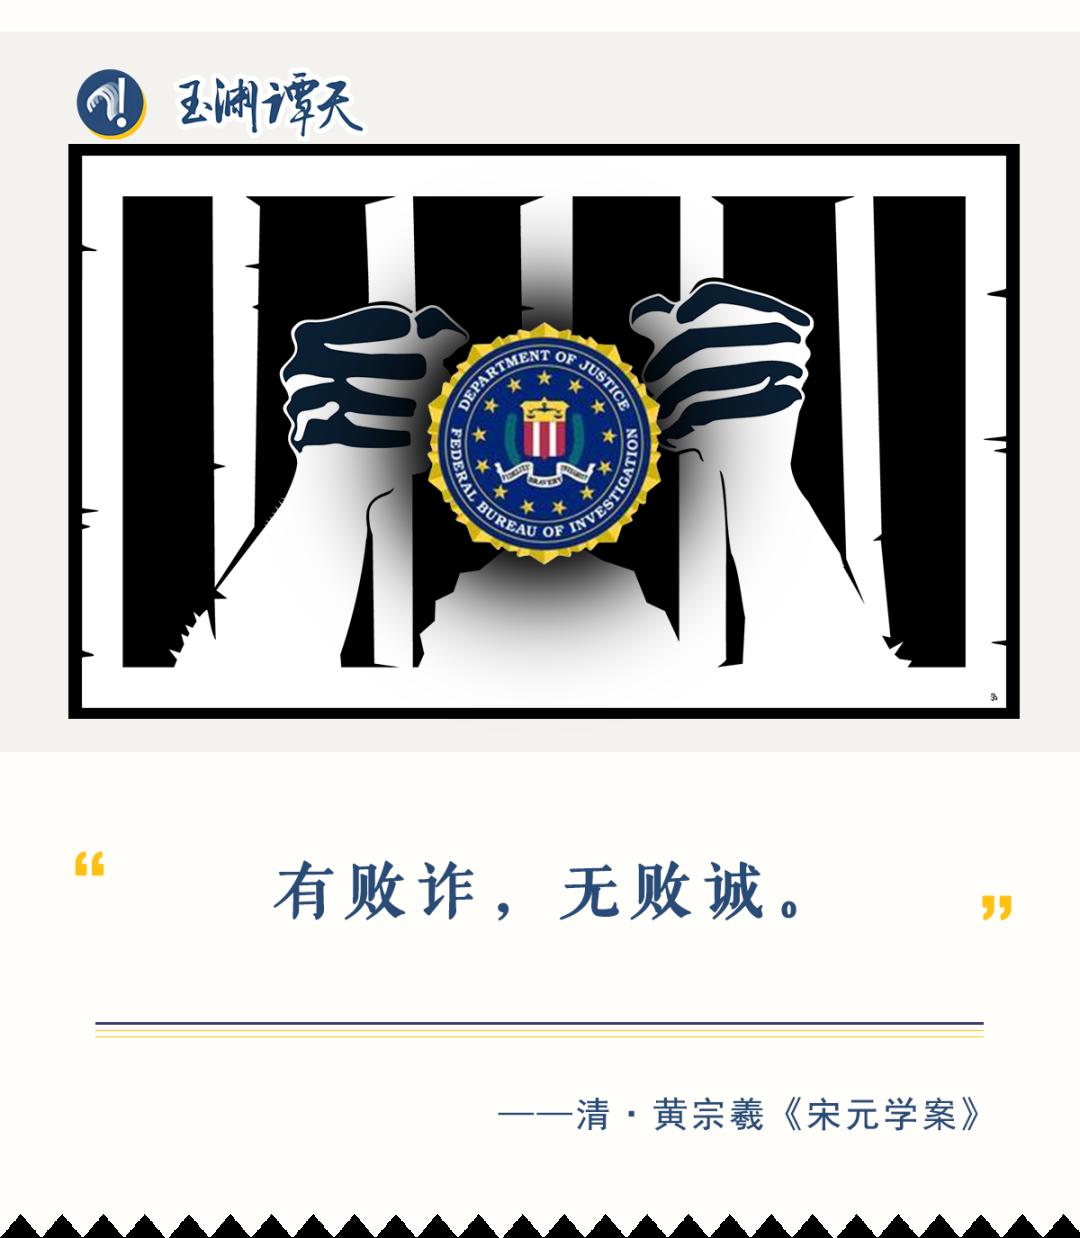 【网站打开速度优化】_外国人面对美国的连环陷阱:不做间谍,就进监狱